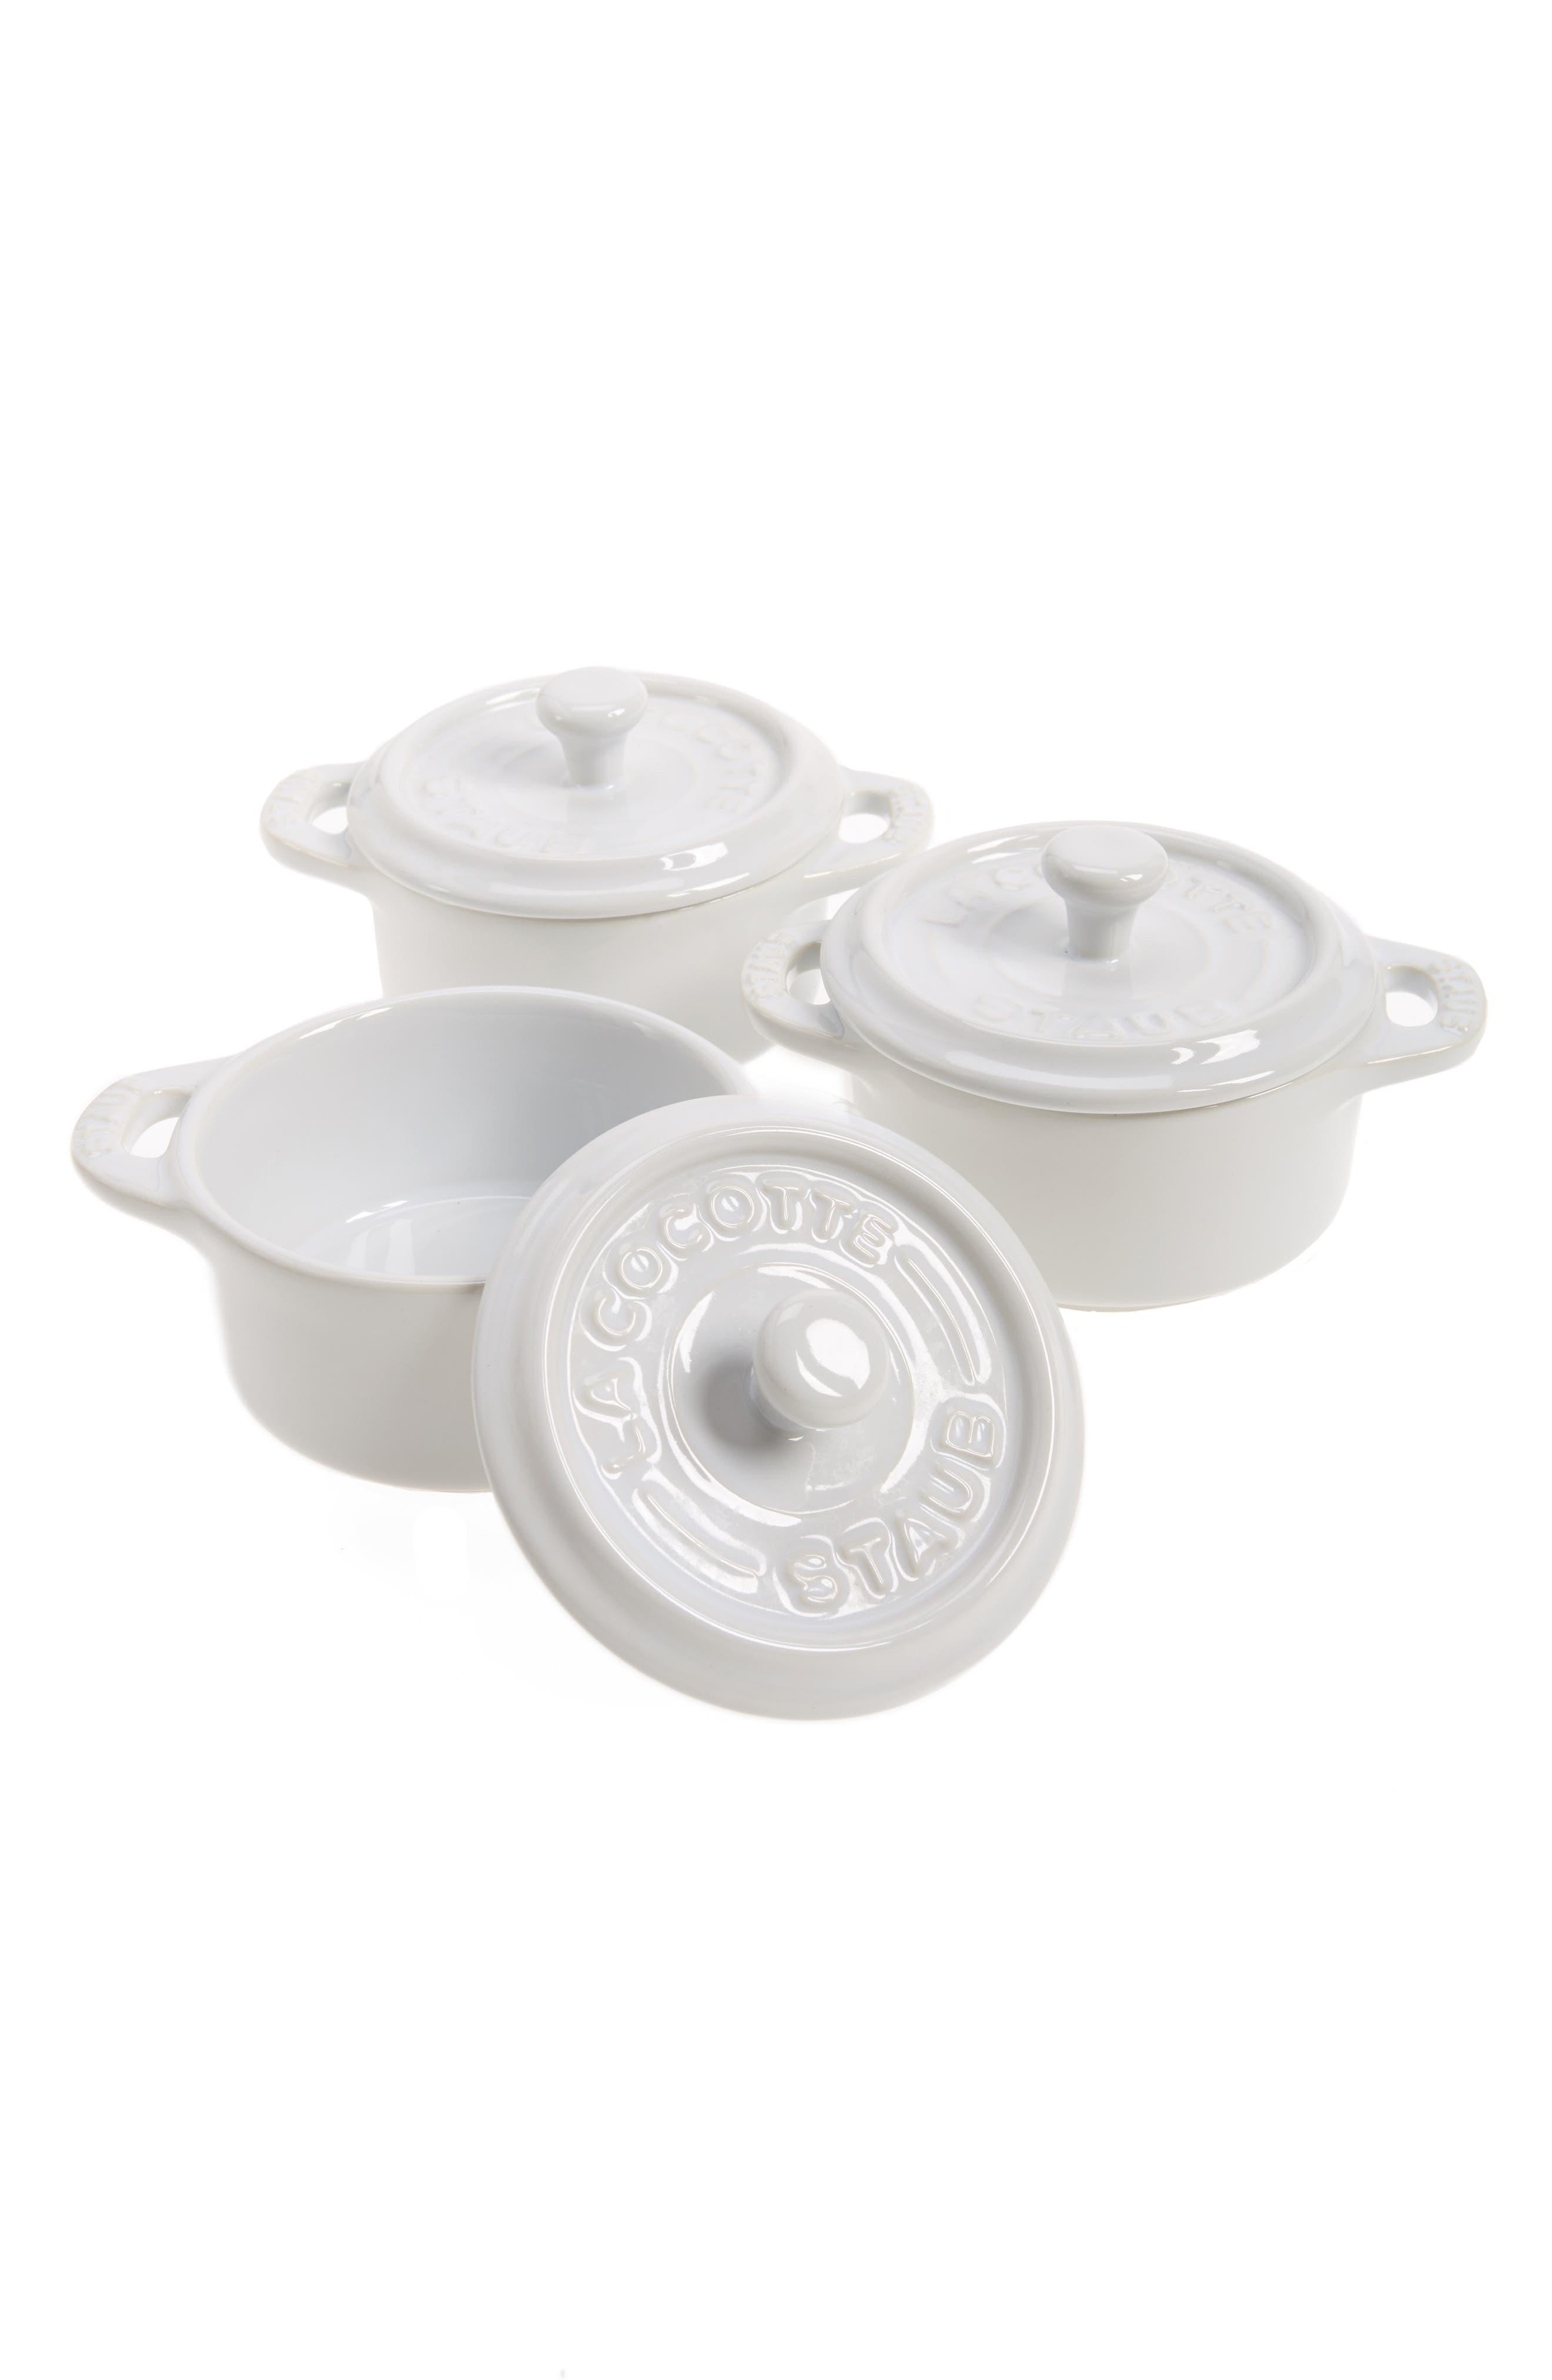 Staub Set of 3 Mini Round Ceramic Cocottes